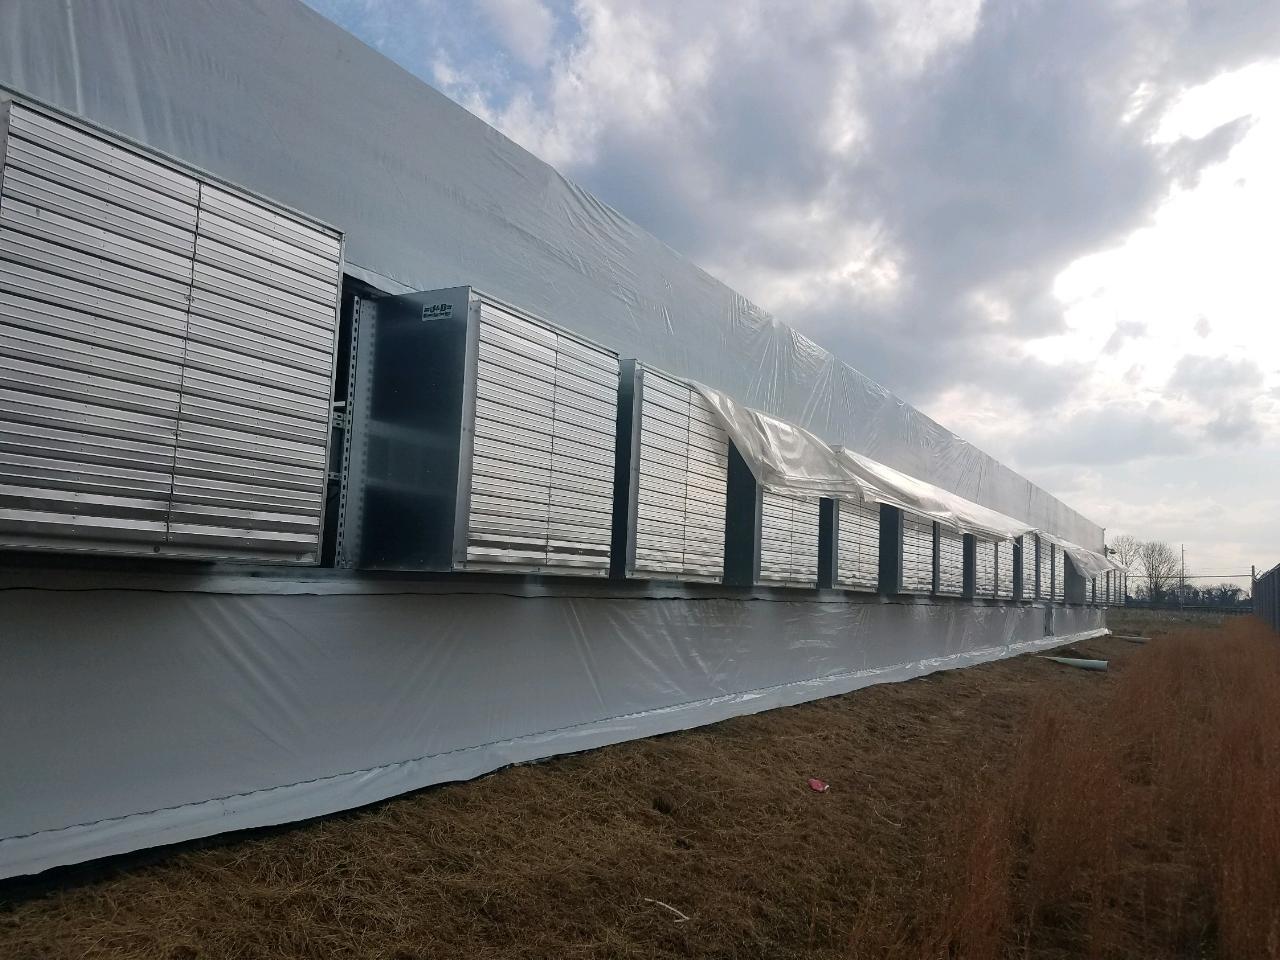 j-d-wm-exhaust-fans-with-light-traps-7-factory-fans-direct-888-849-1233.jpeg